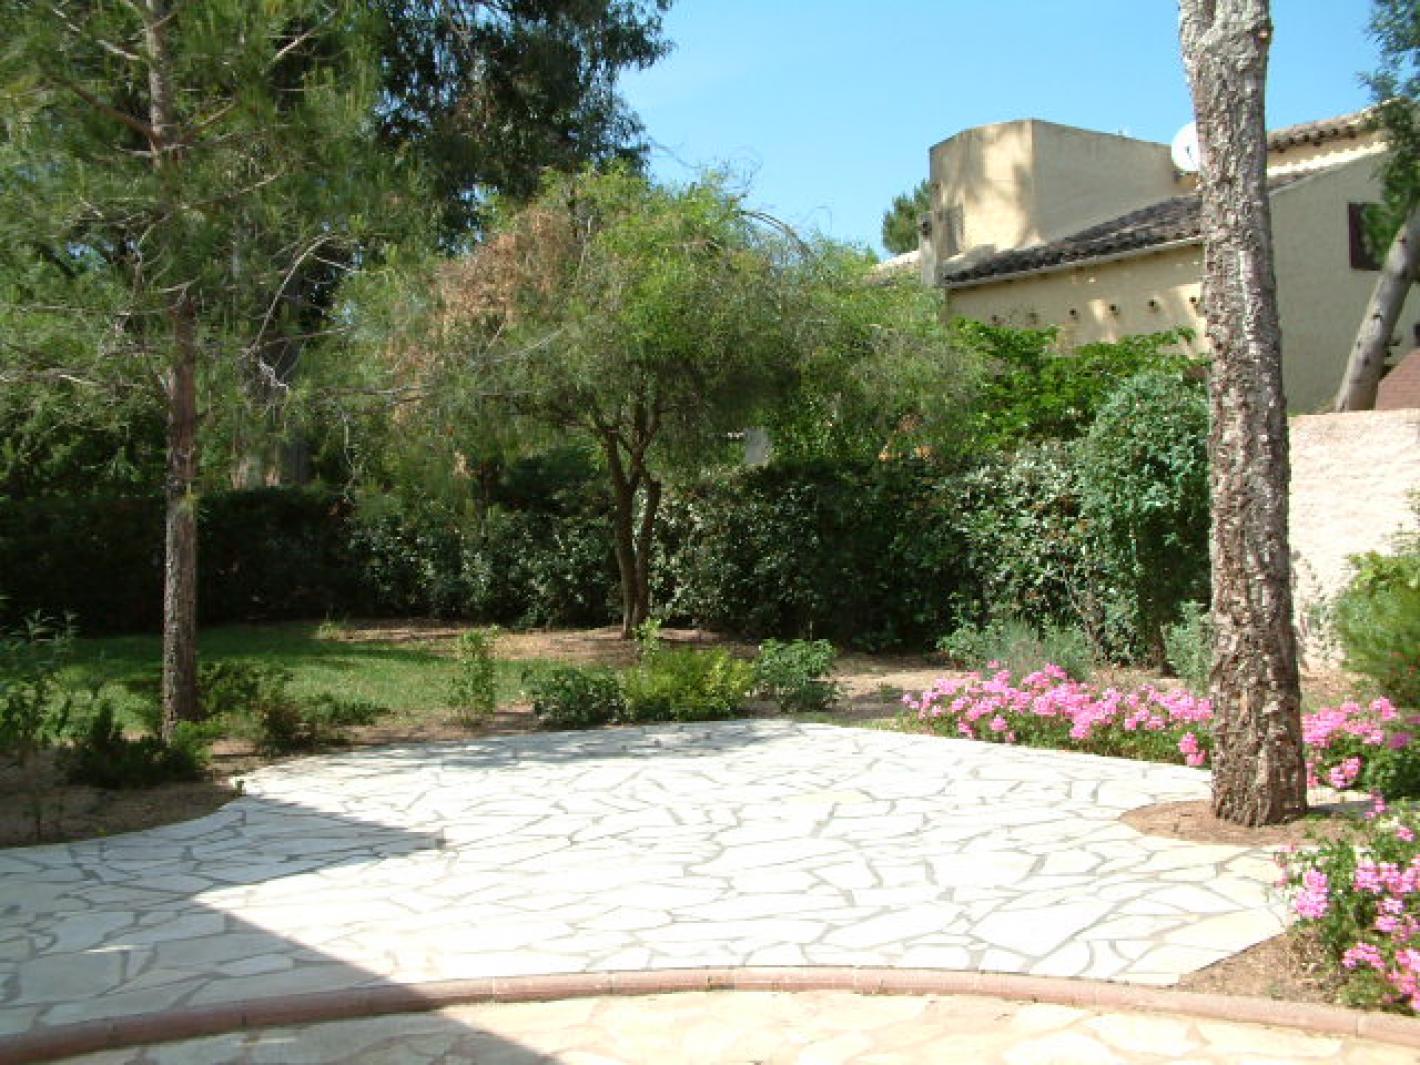 Location Villa St Cyprien Corse Sud